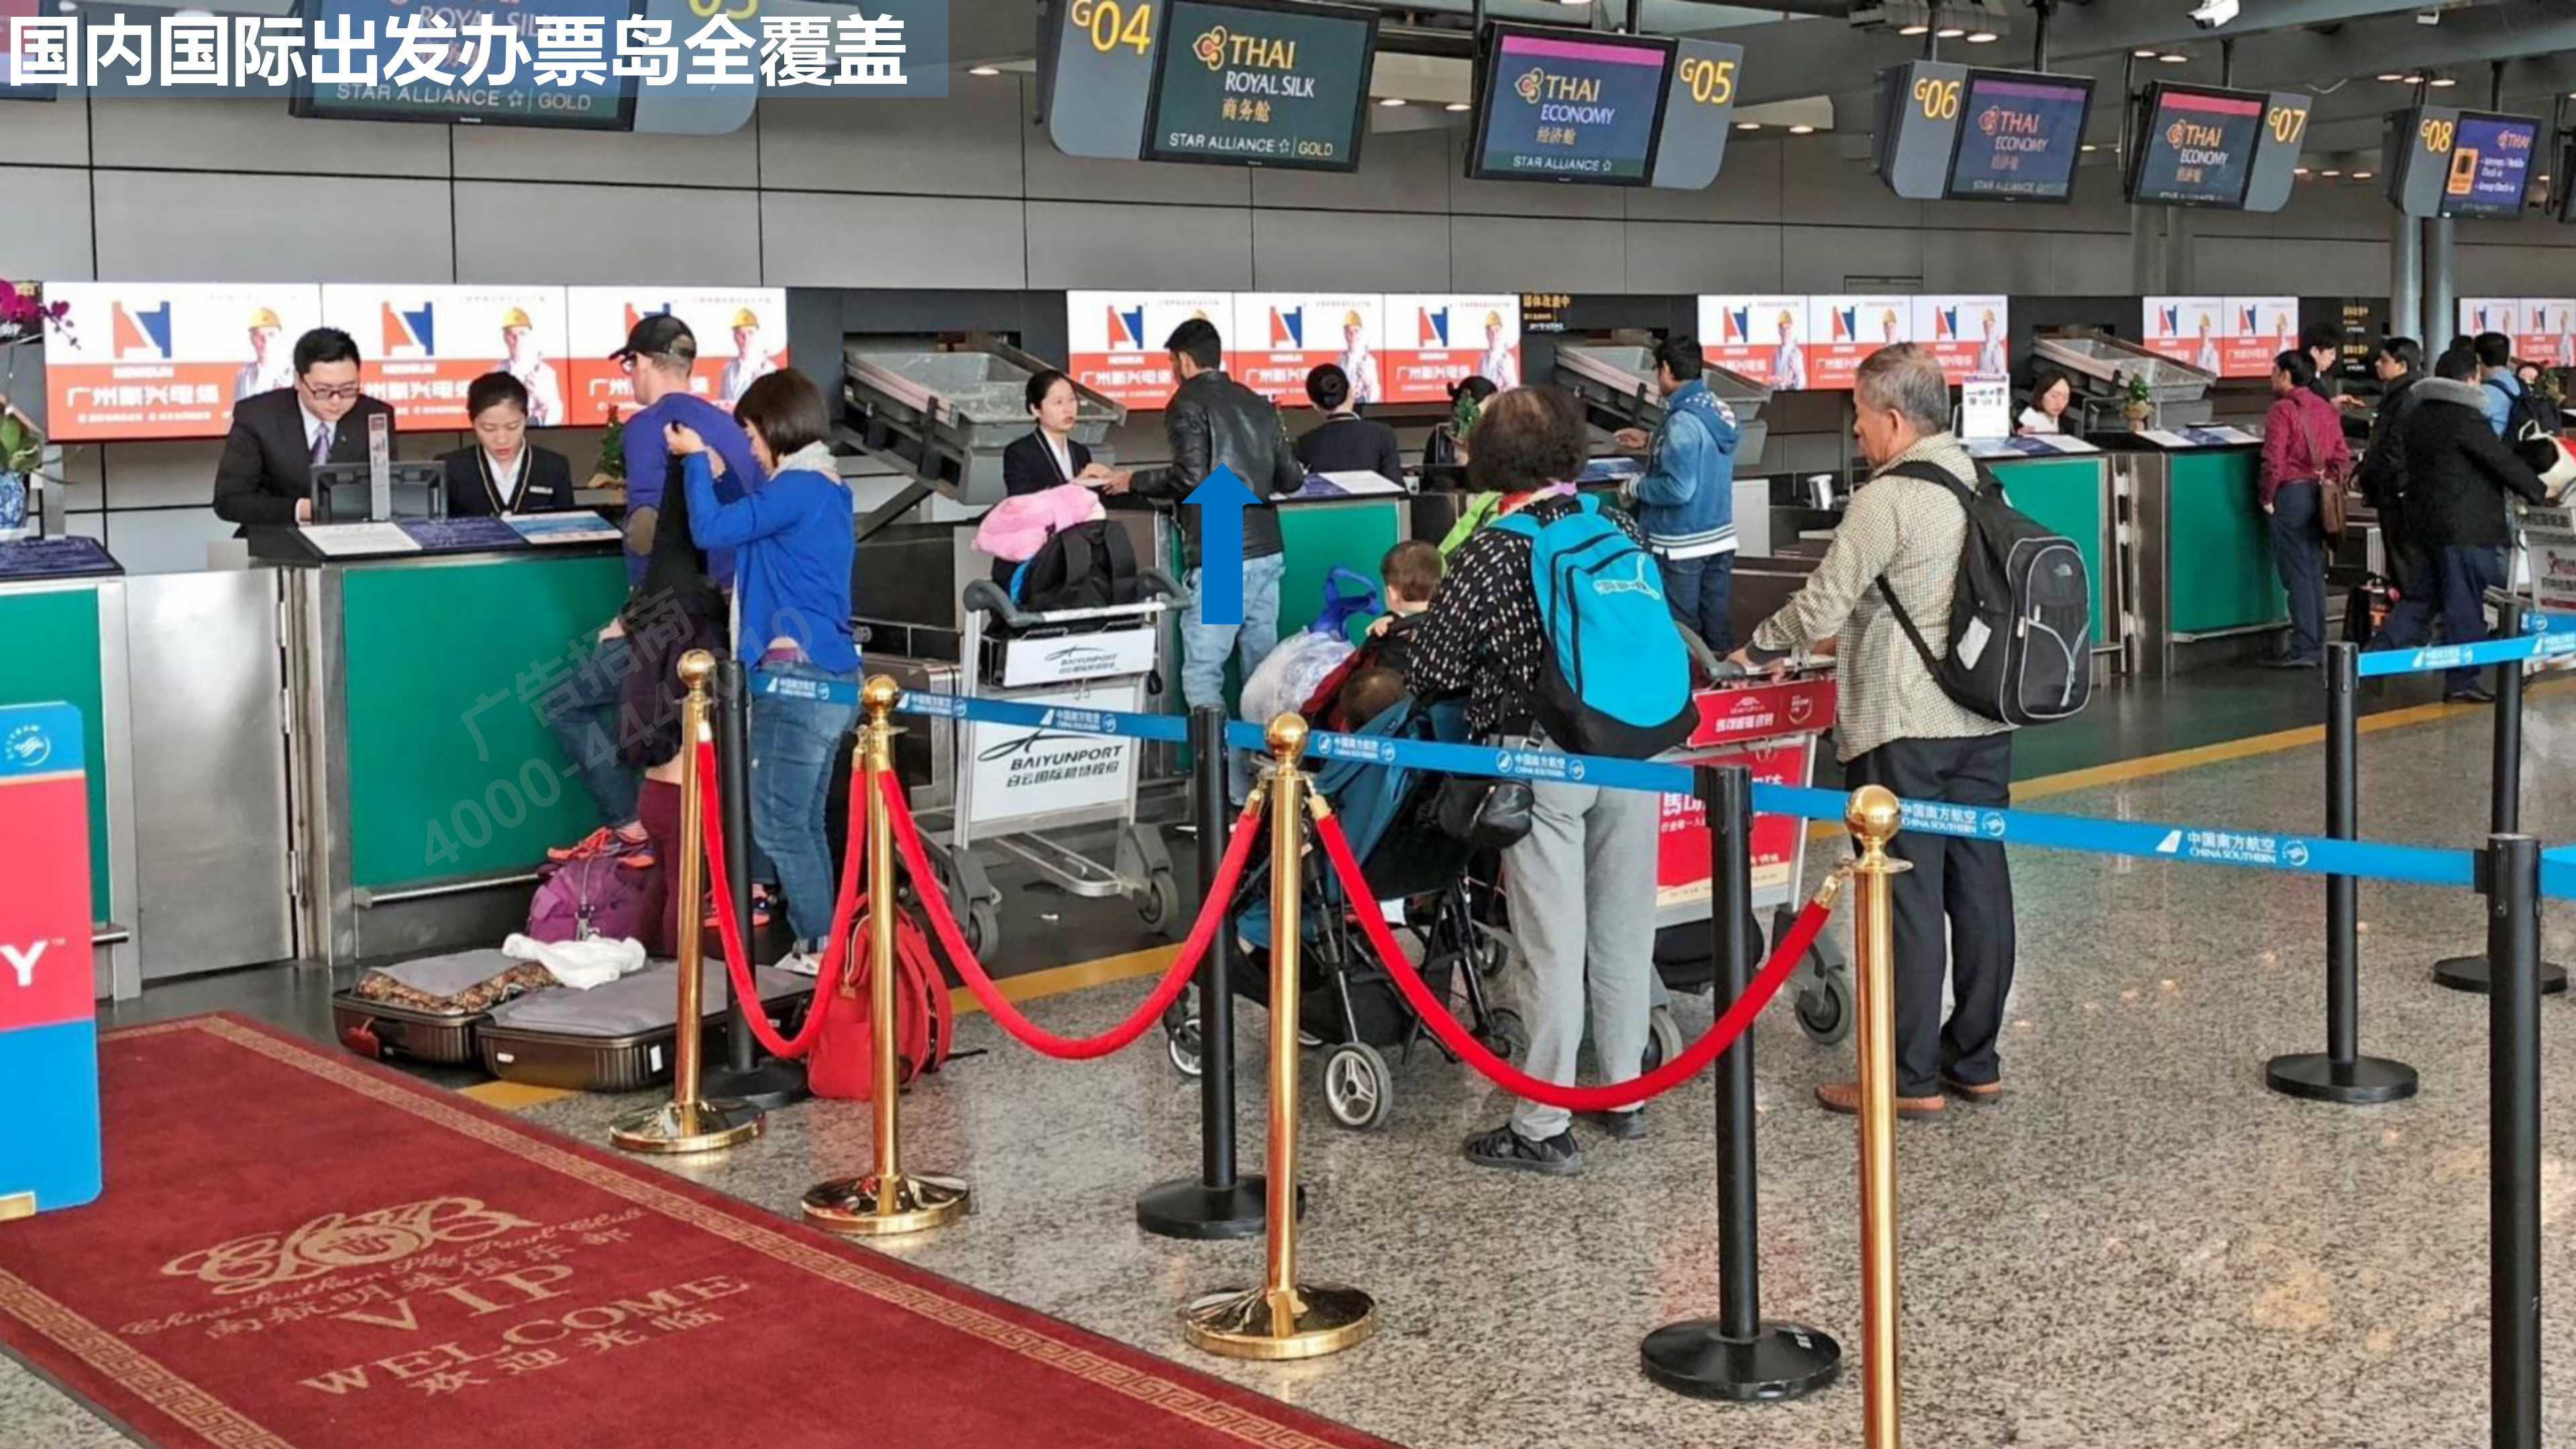 广州机场广告办票岛联屏